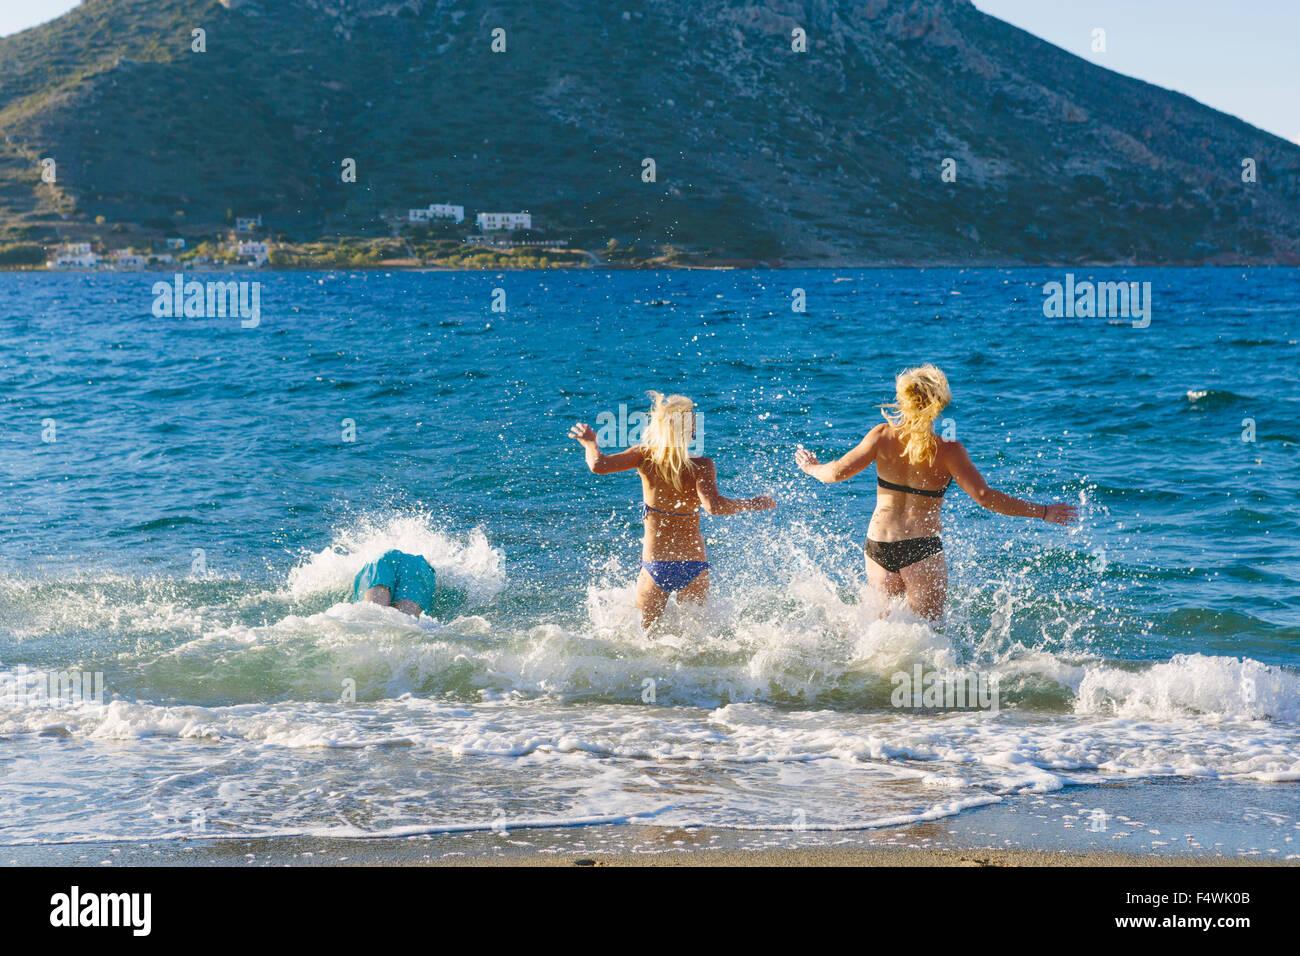 Grecia, Dodecaneso, Kalymnos, dos mujeres corriendo al mar Imagen De Stock